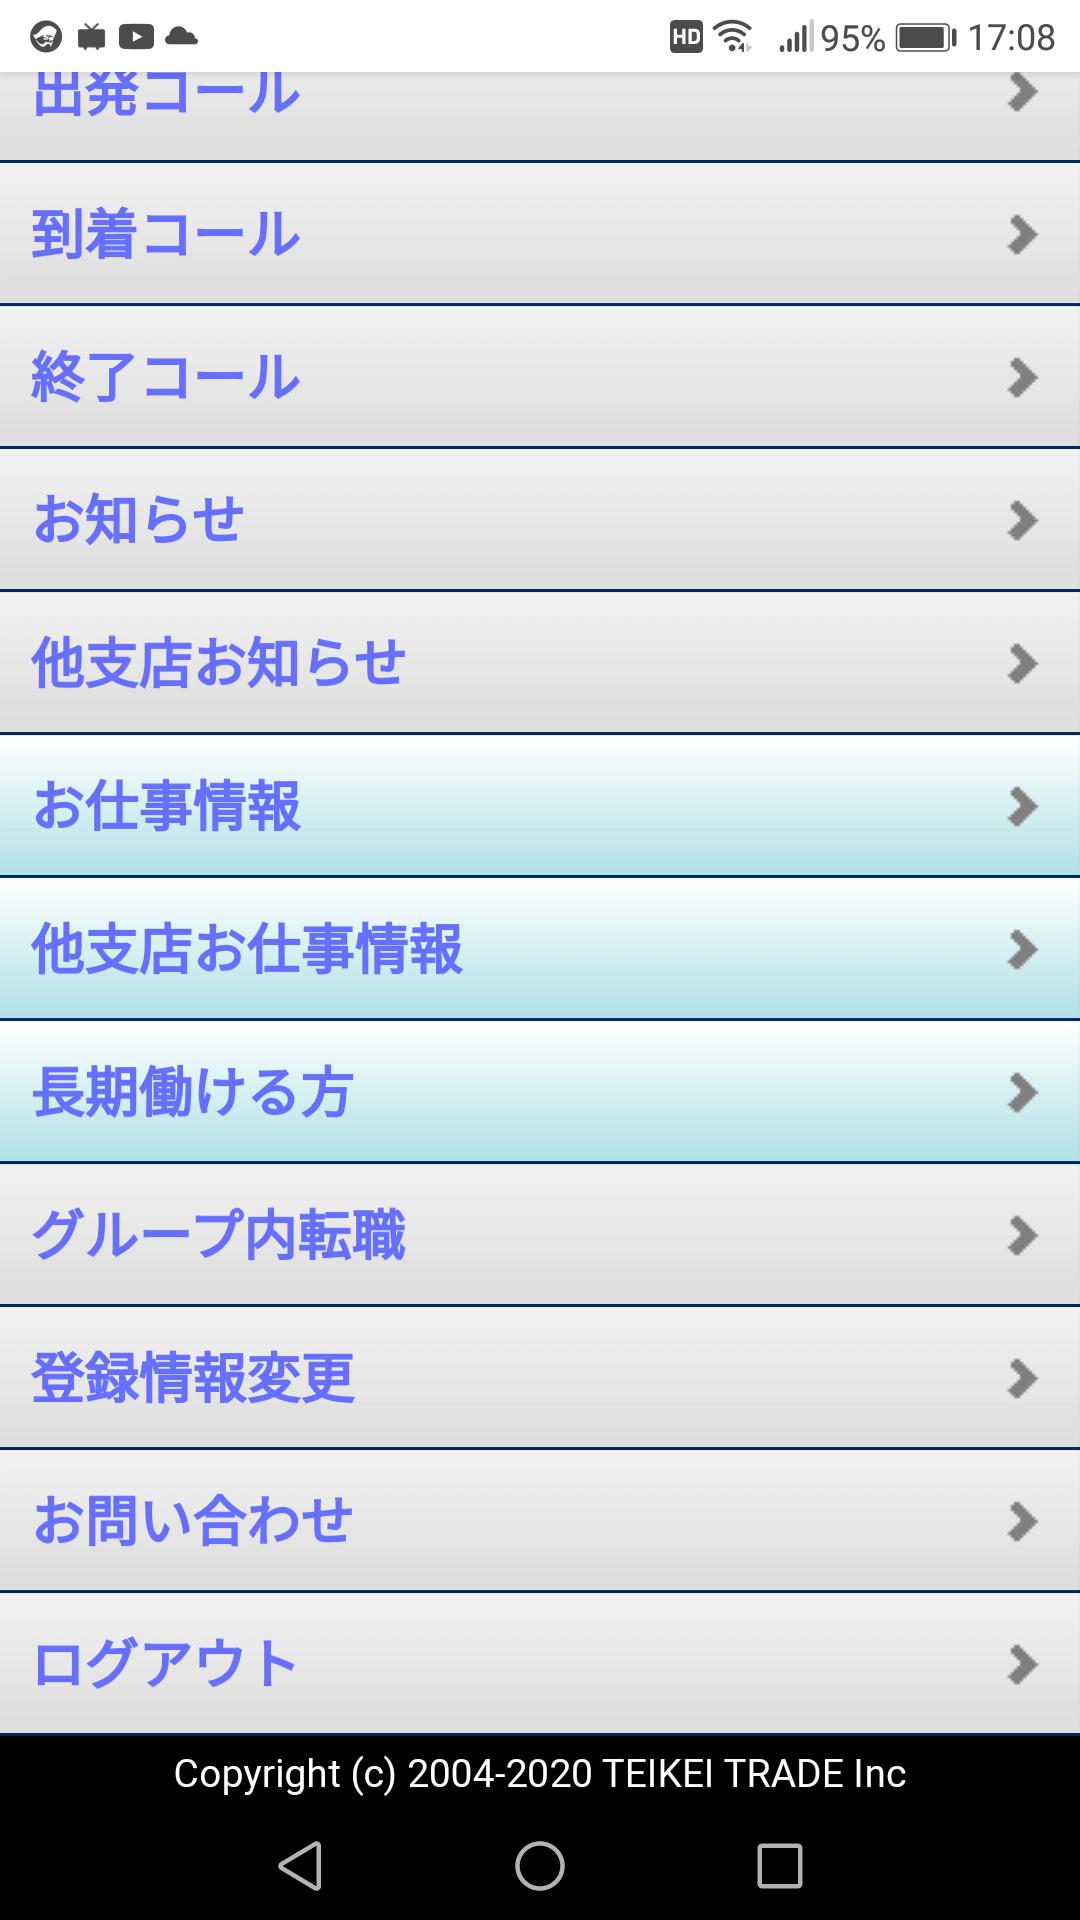 テイケイトレード(株)熊谷リクルートセンター